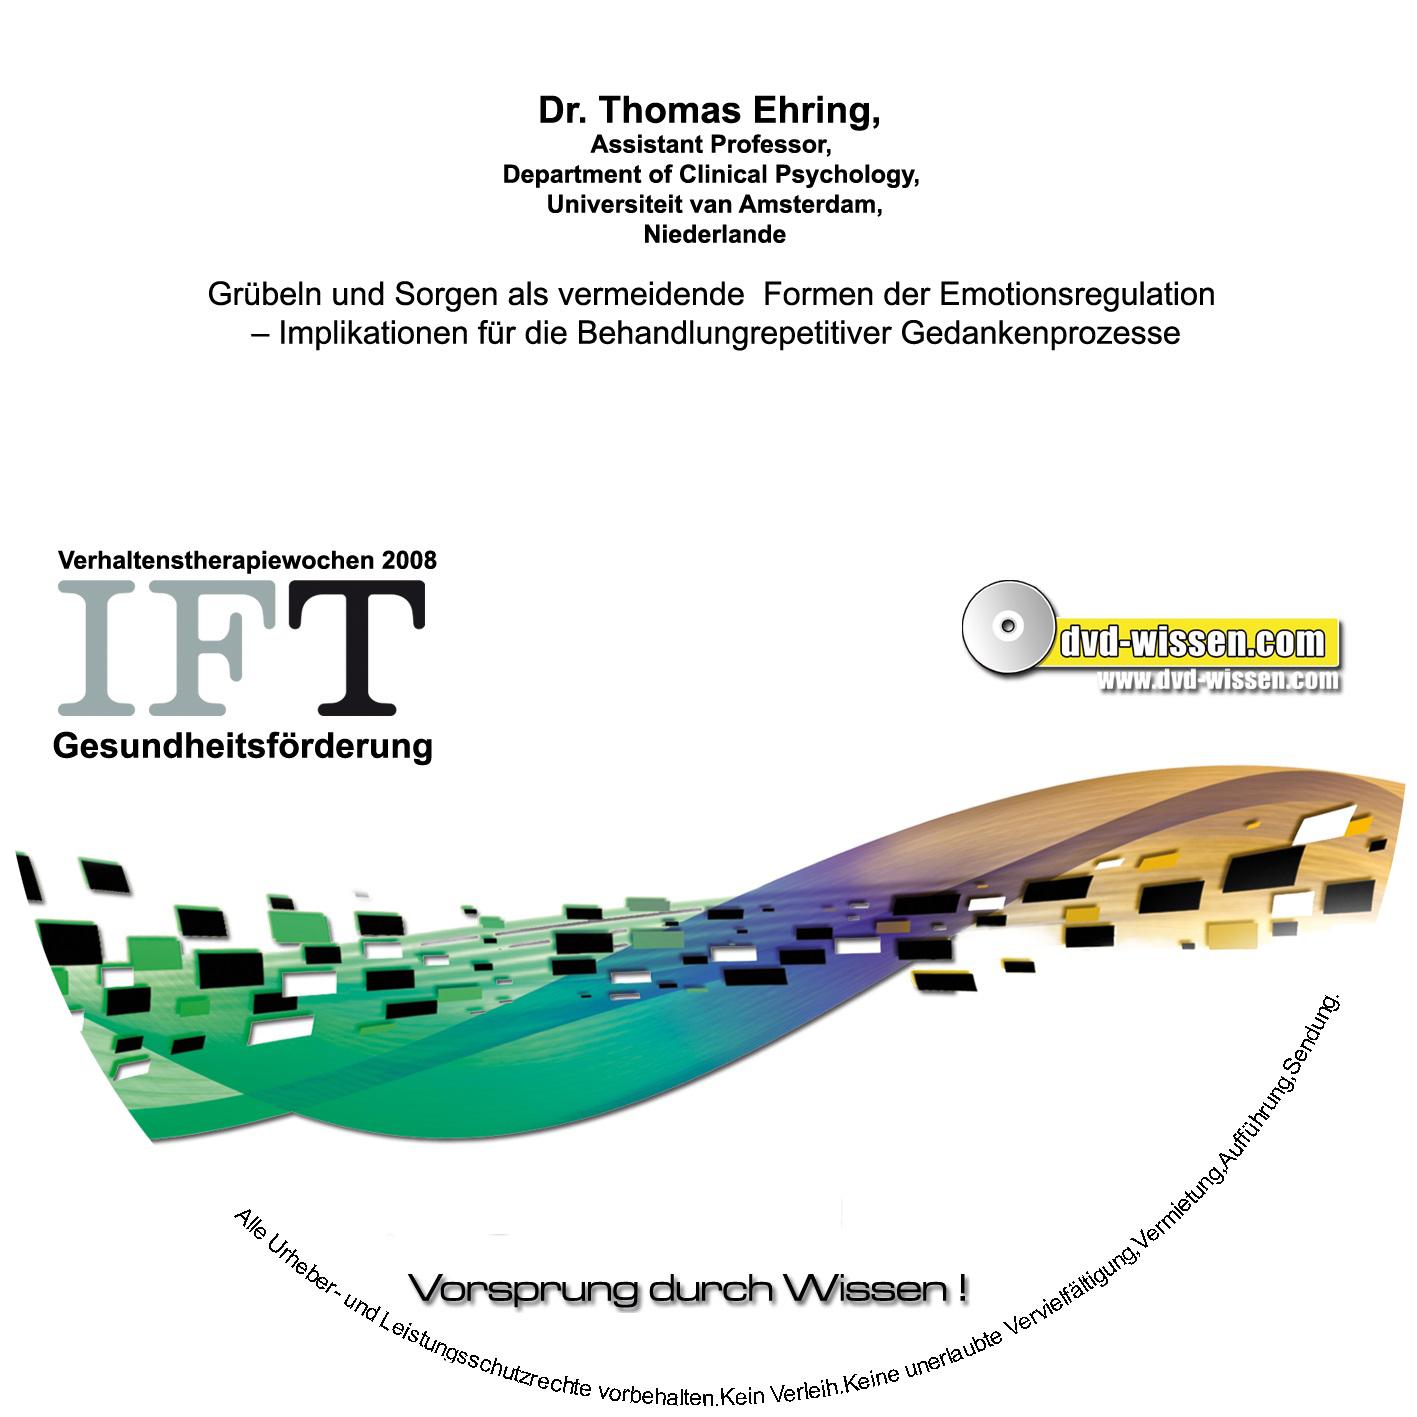 Dr. Thomas Ehring: Grübeln und Sorgen als vermeidende Formen der Emotionsregulation - Implikationen für die Behandlung repetitiver Gedankenprozesse